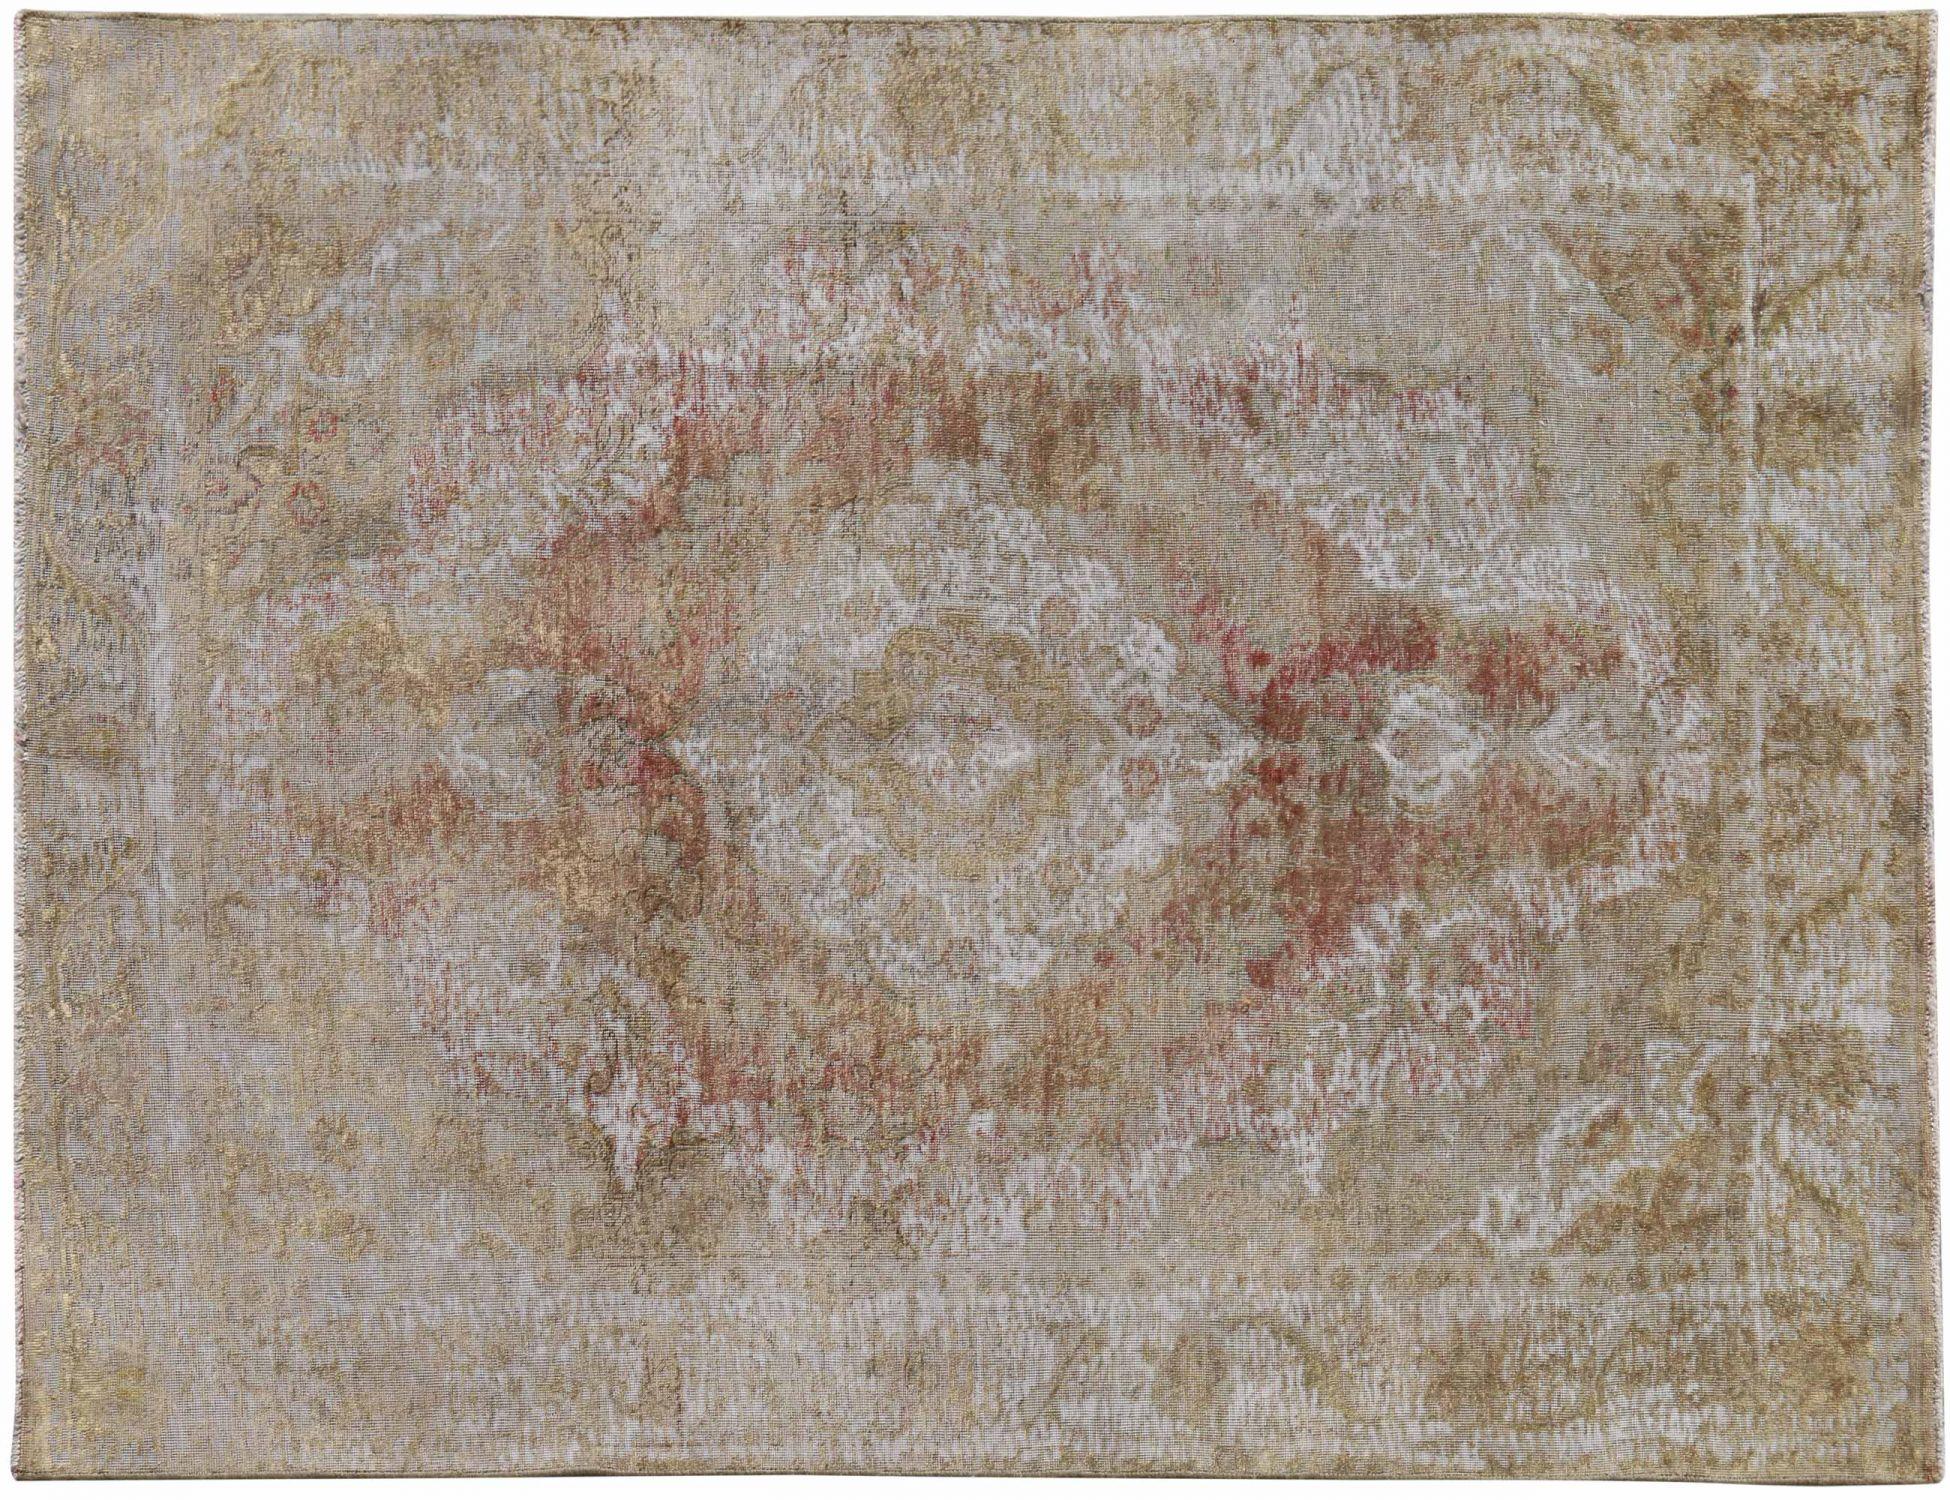 Tapis Persan Retro  jaune <br/>290 x 197 cm